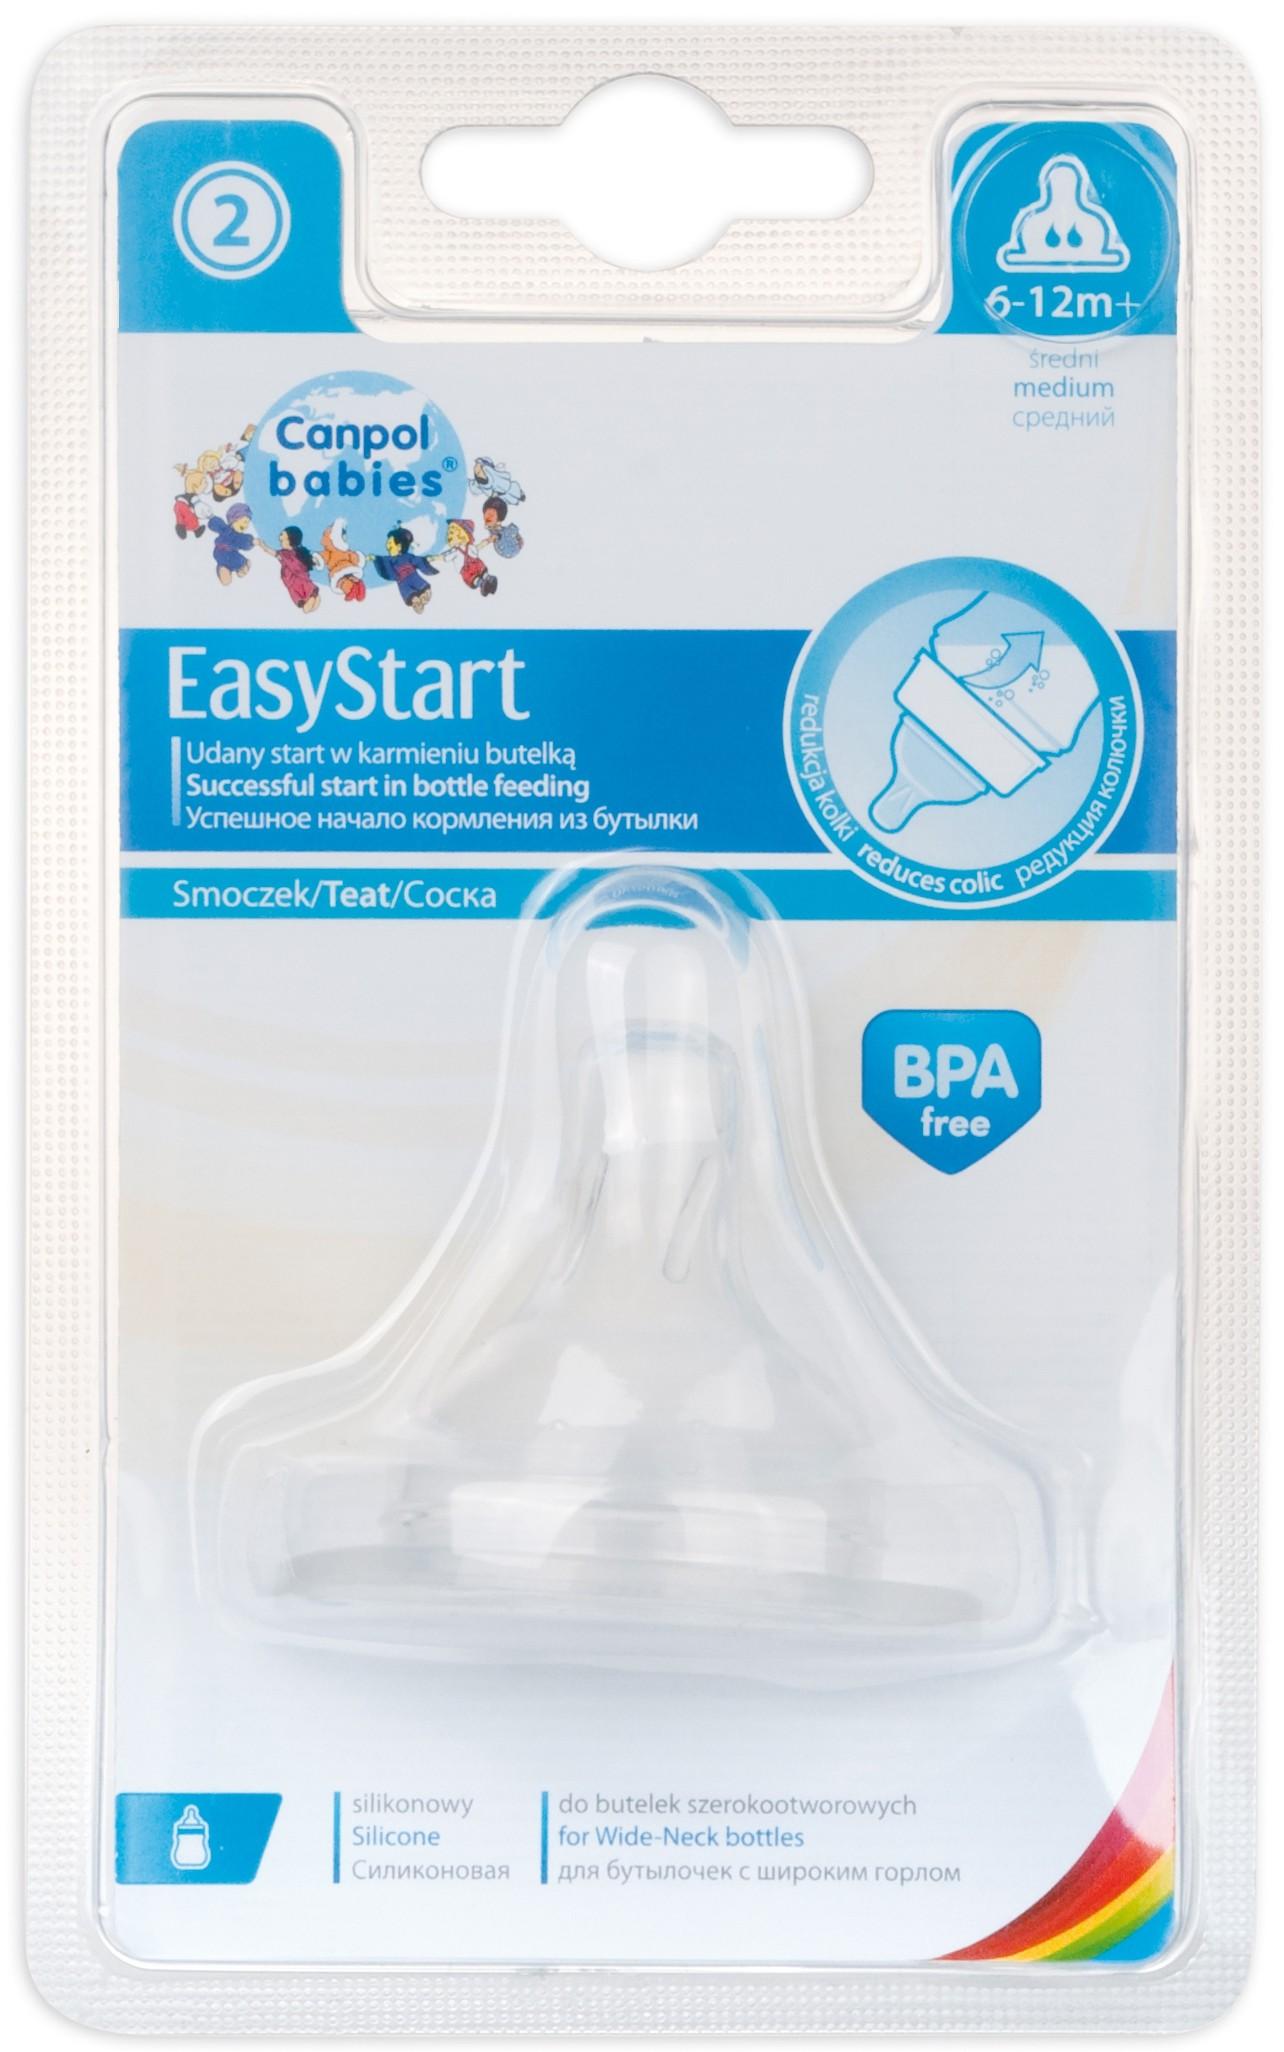 Соска Canpol babies EasyStart ортодонтическая силиконовая 6 мес.+